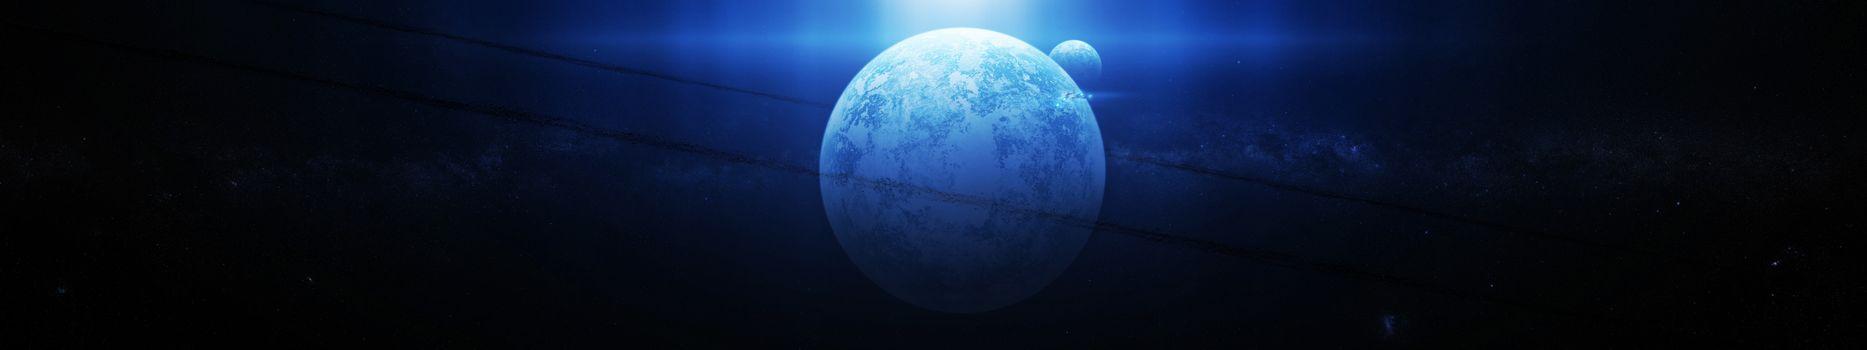 Бесплатные фото планета,спутник,кольца,пояс,метеоритов,осколки,гравитация,космос